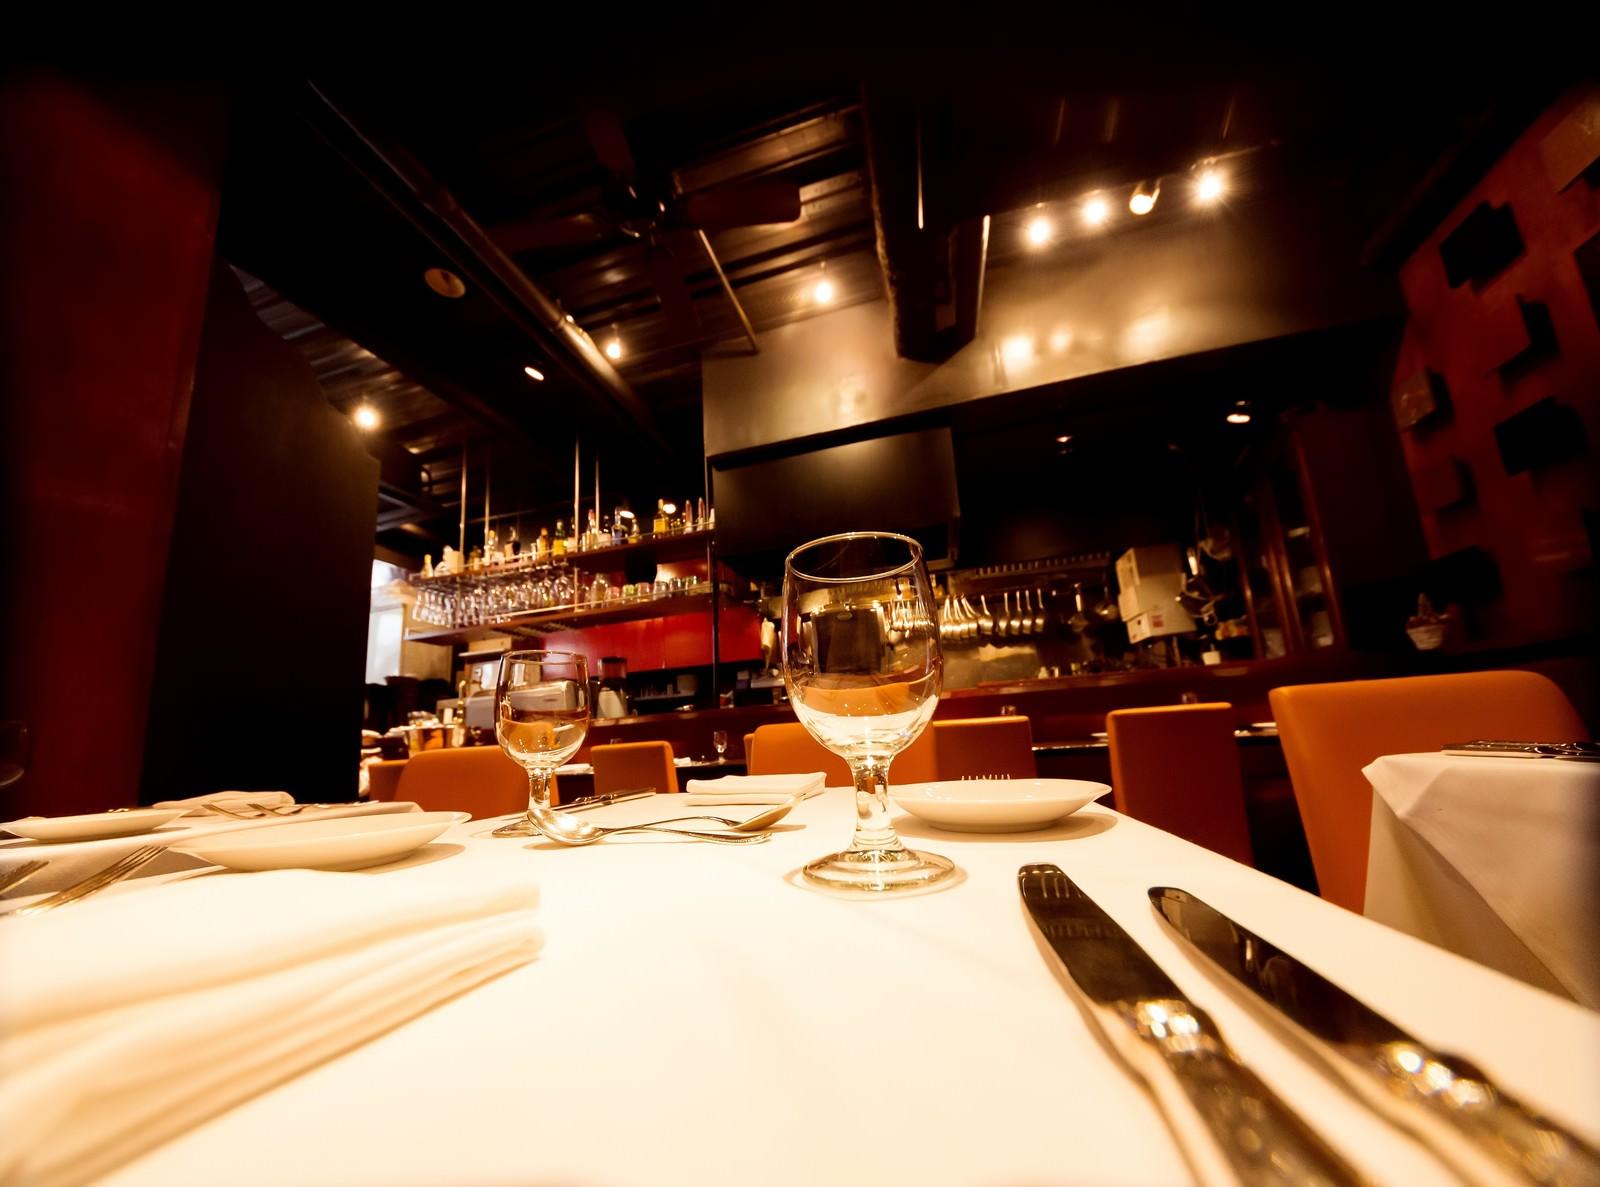 「フレンチレストランのテーブルセット」の写真